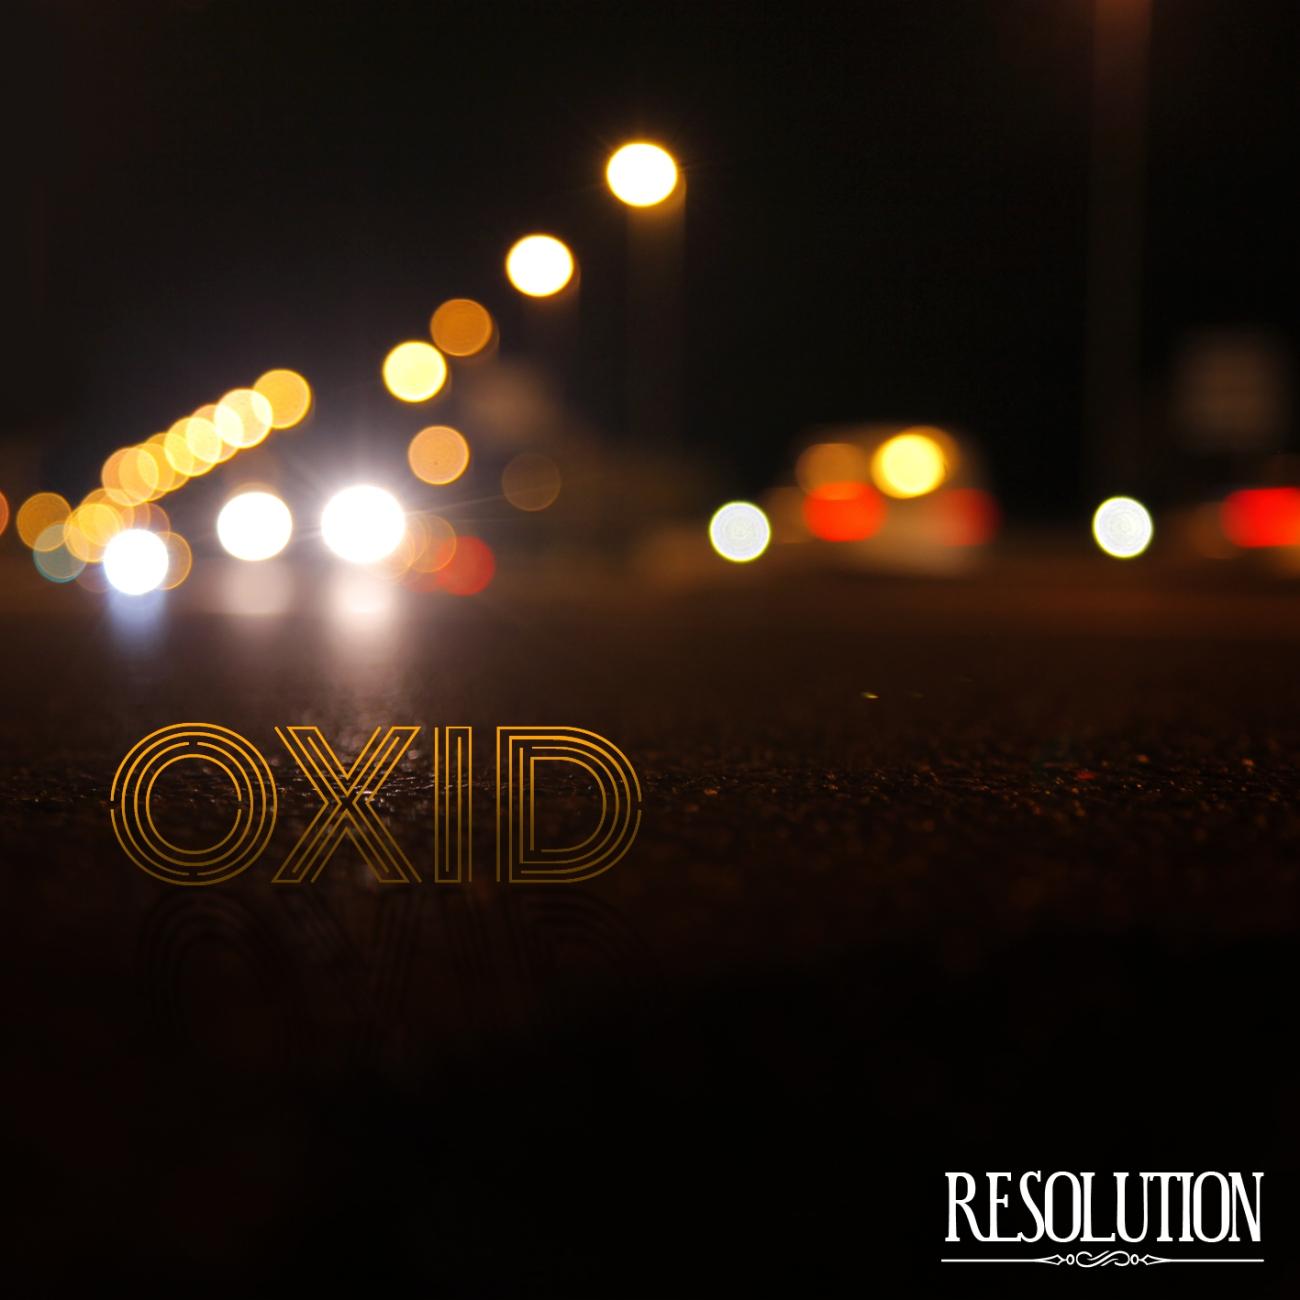 Pochette de lalbum Oxid